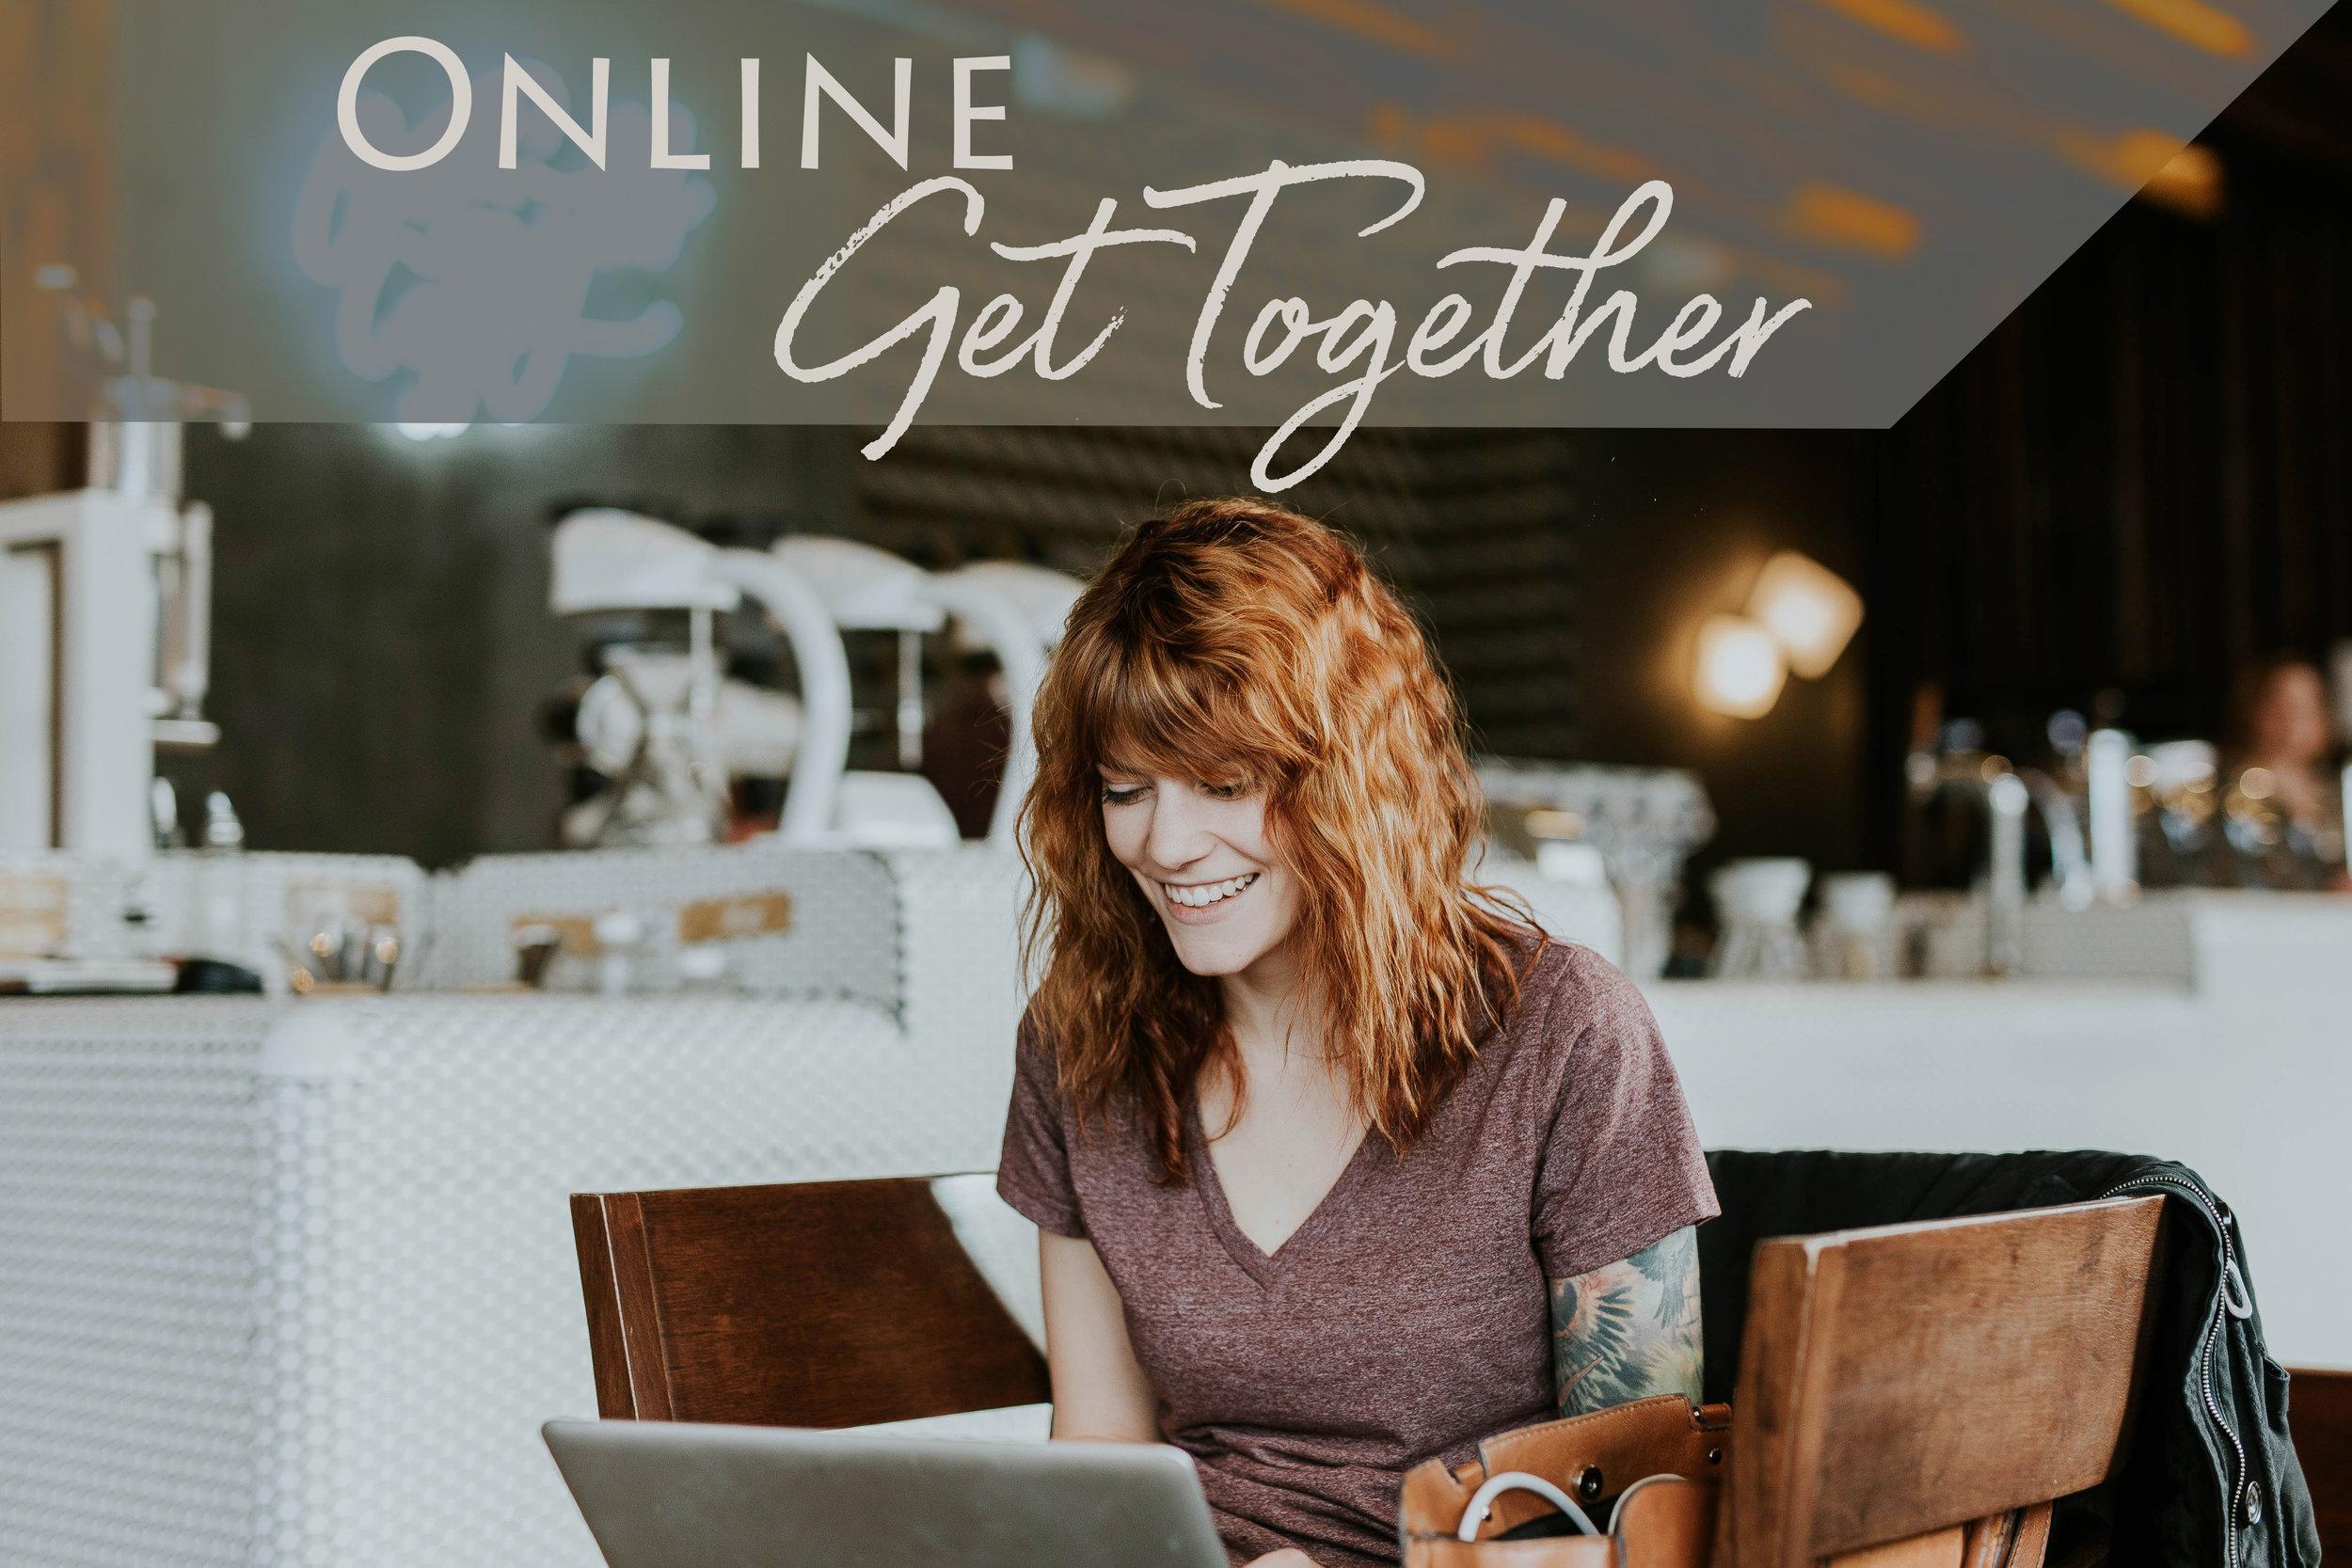 ONLINE Get Together brooke-cagle-195777-unsplash.jpg